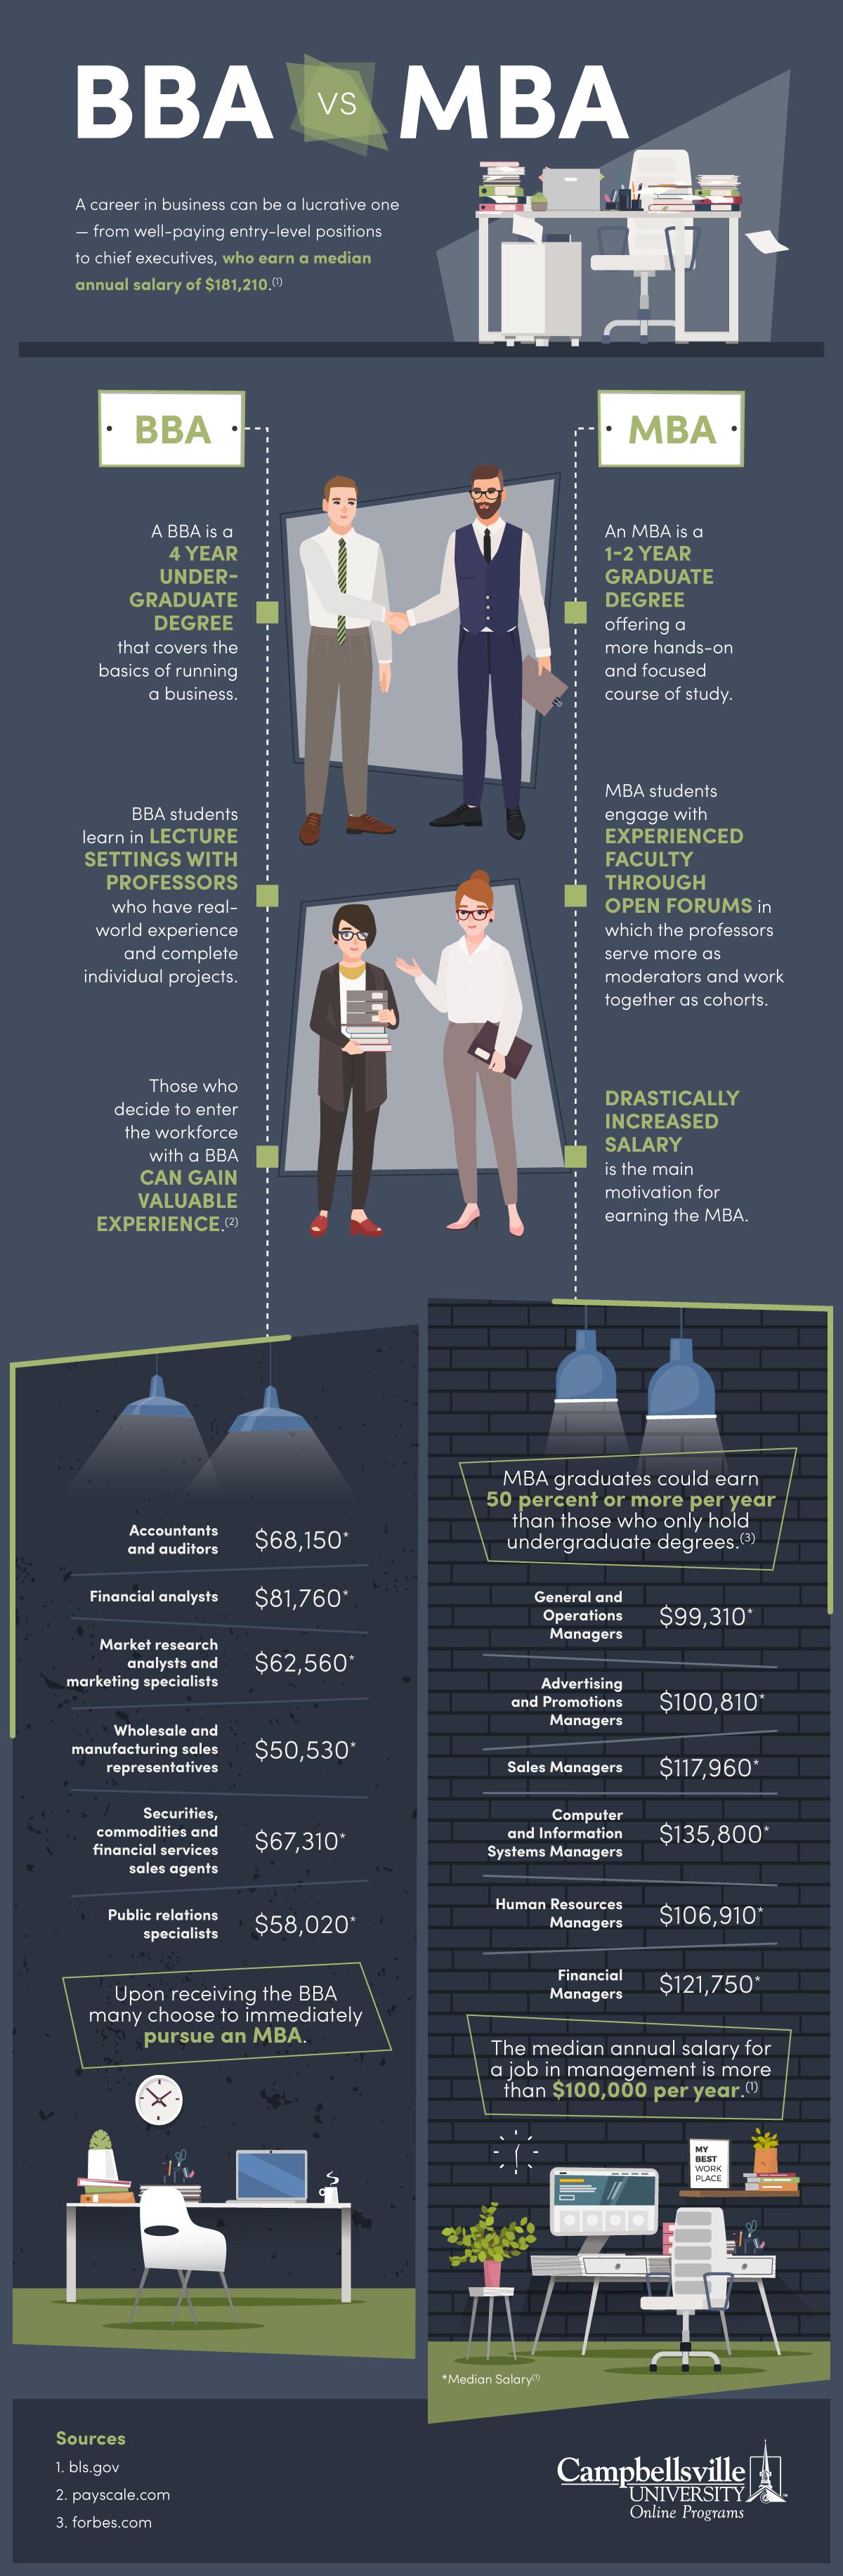 Comparing Outcomes: BBA vs. MBA